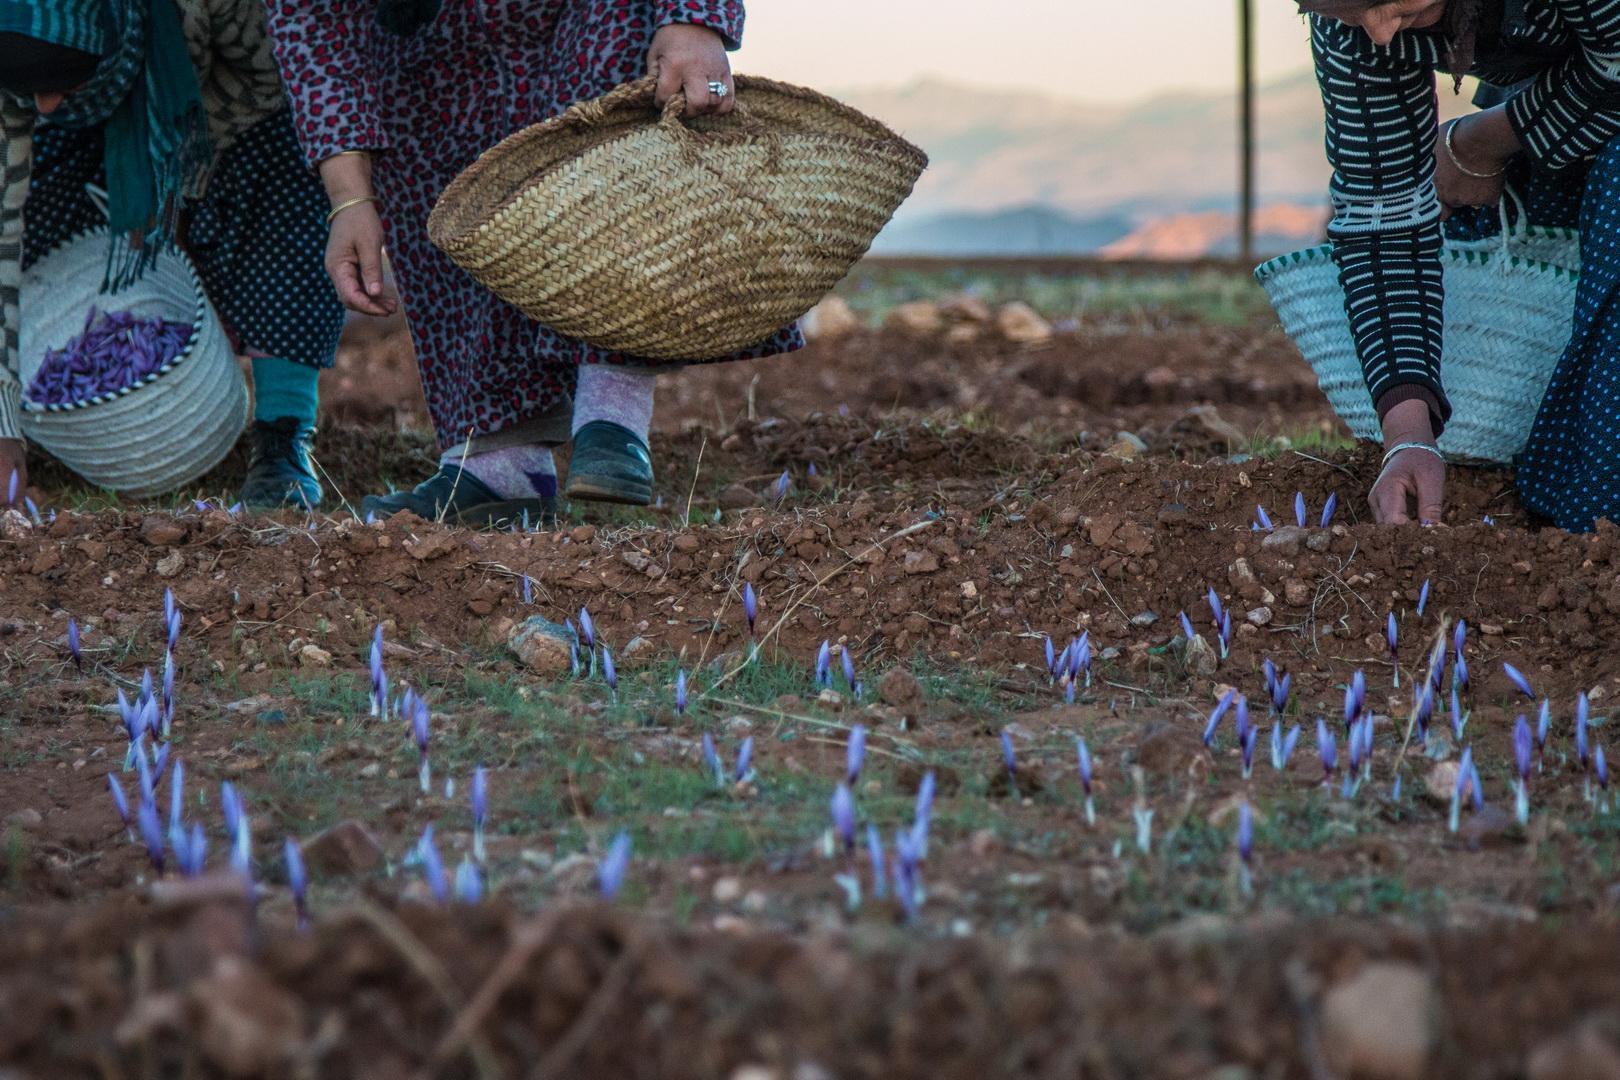 Développement des filières du safran et du palmier dattier dans la région Souss-Massa-Drâa